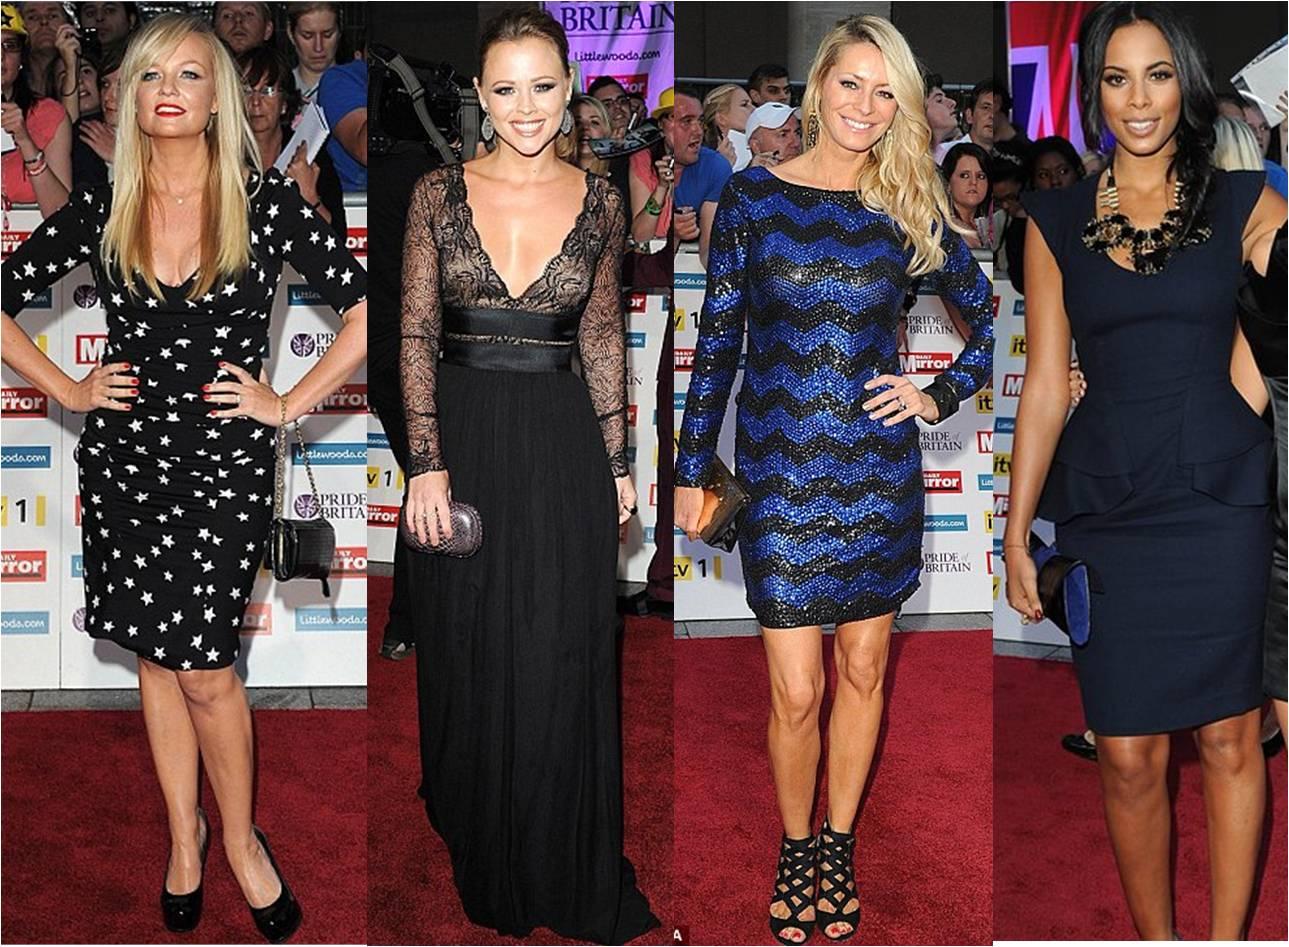 http://1.bp.blogspot.com/-RzHewoo_228/ToqXAxn2rTI/AAAAAAAAHcs/Mn2tyEP82KE/s1600/Pride+of+Britain+awards.jpg